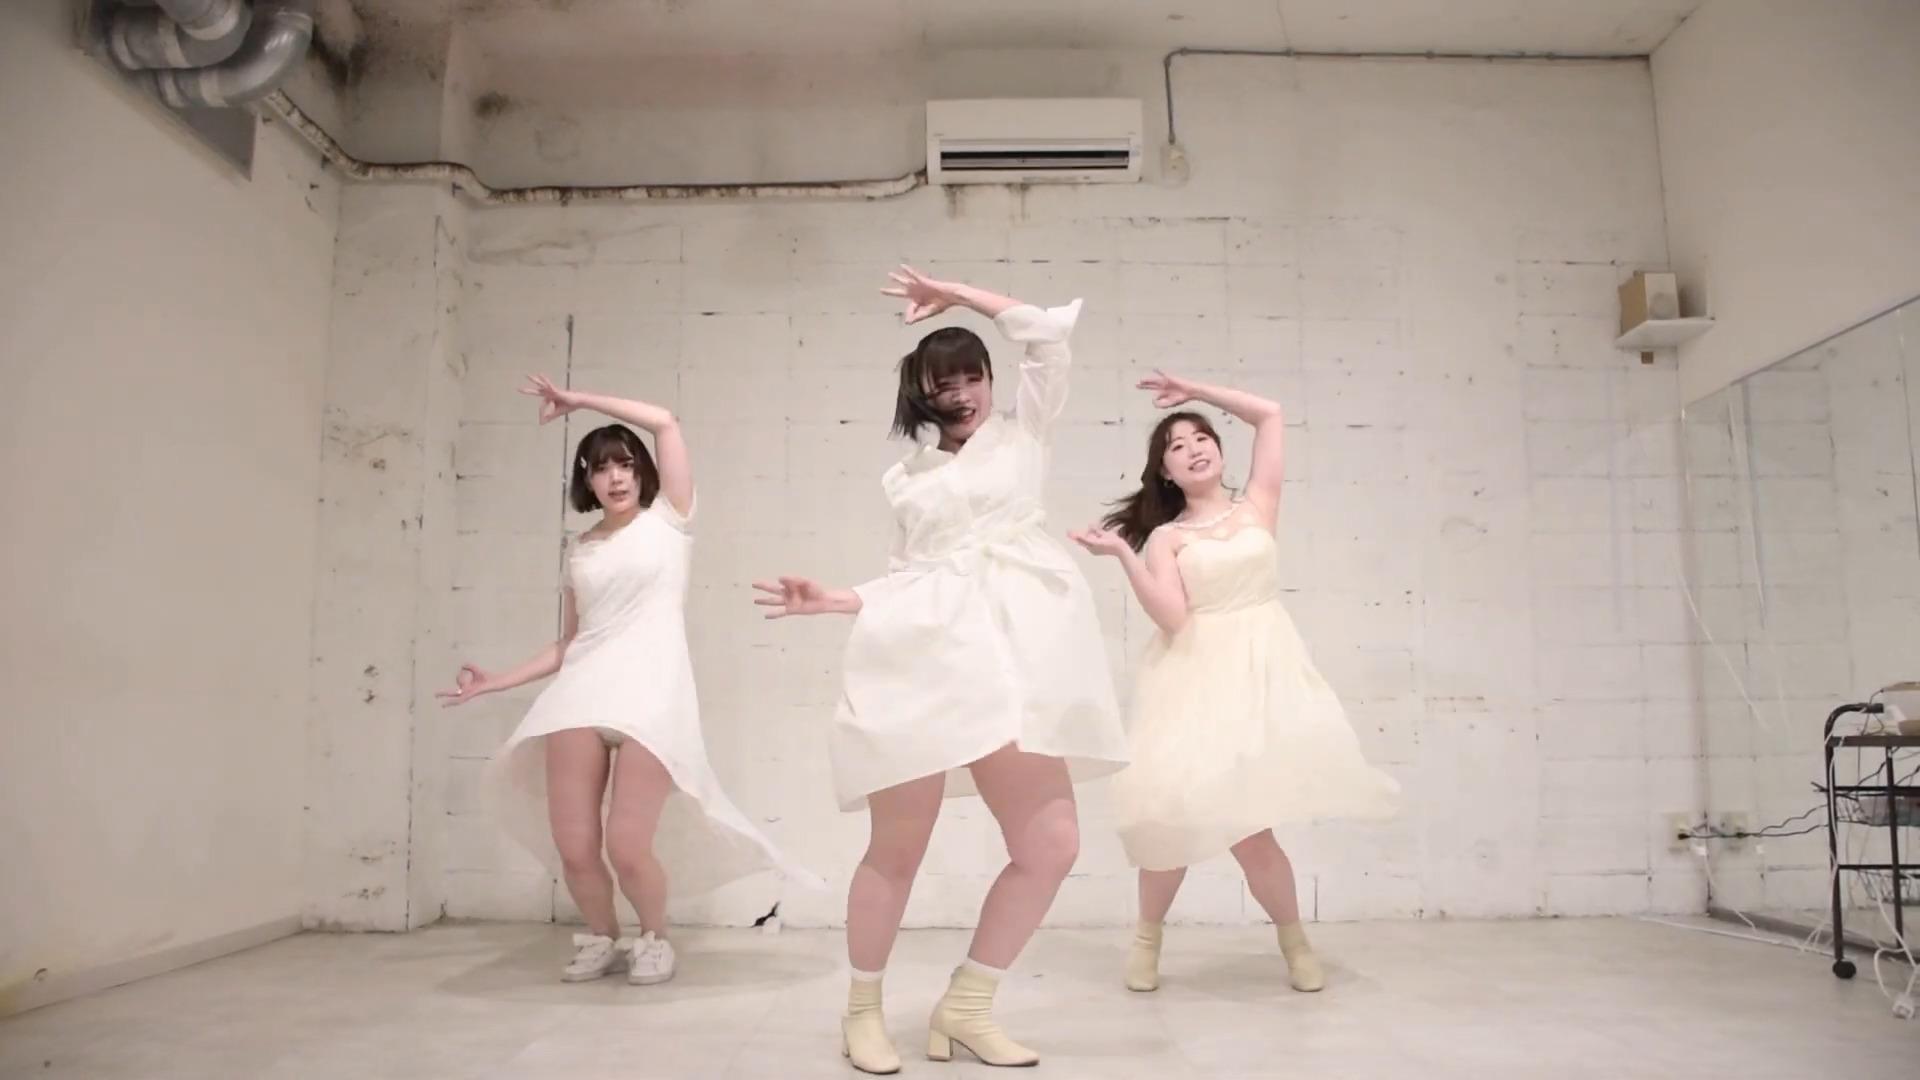 【踊ってみた】Step and a step 00:50